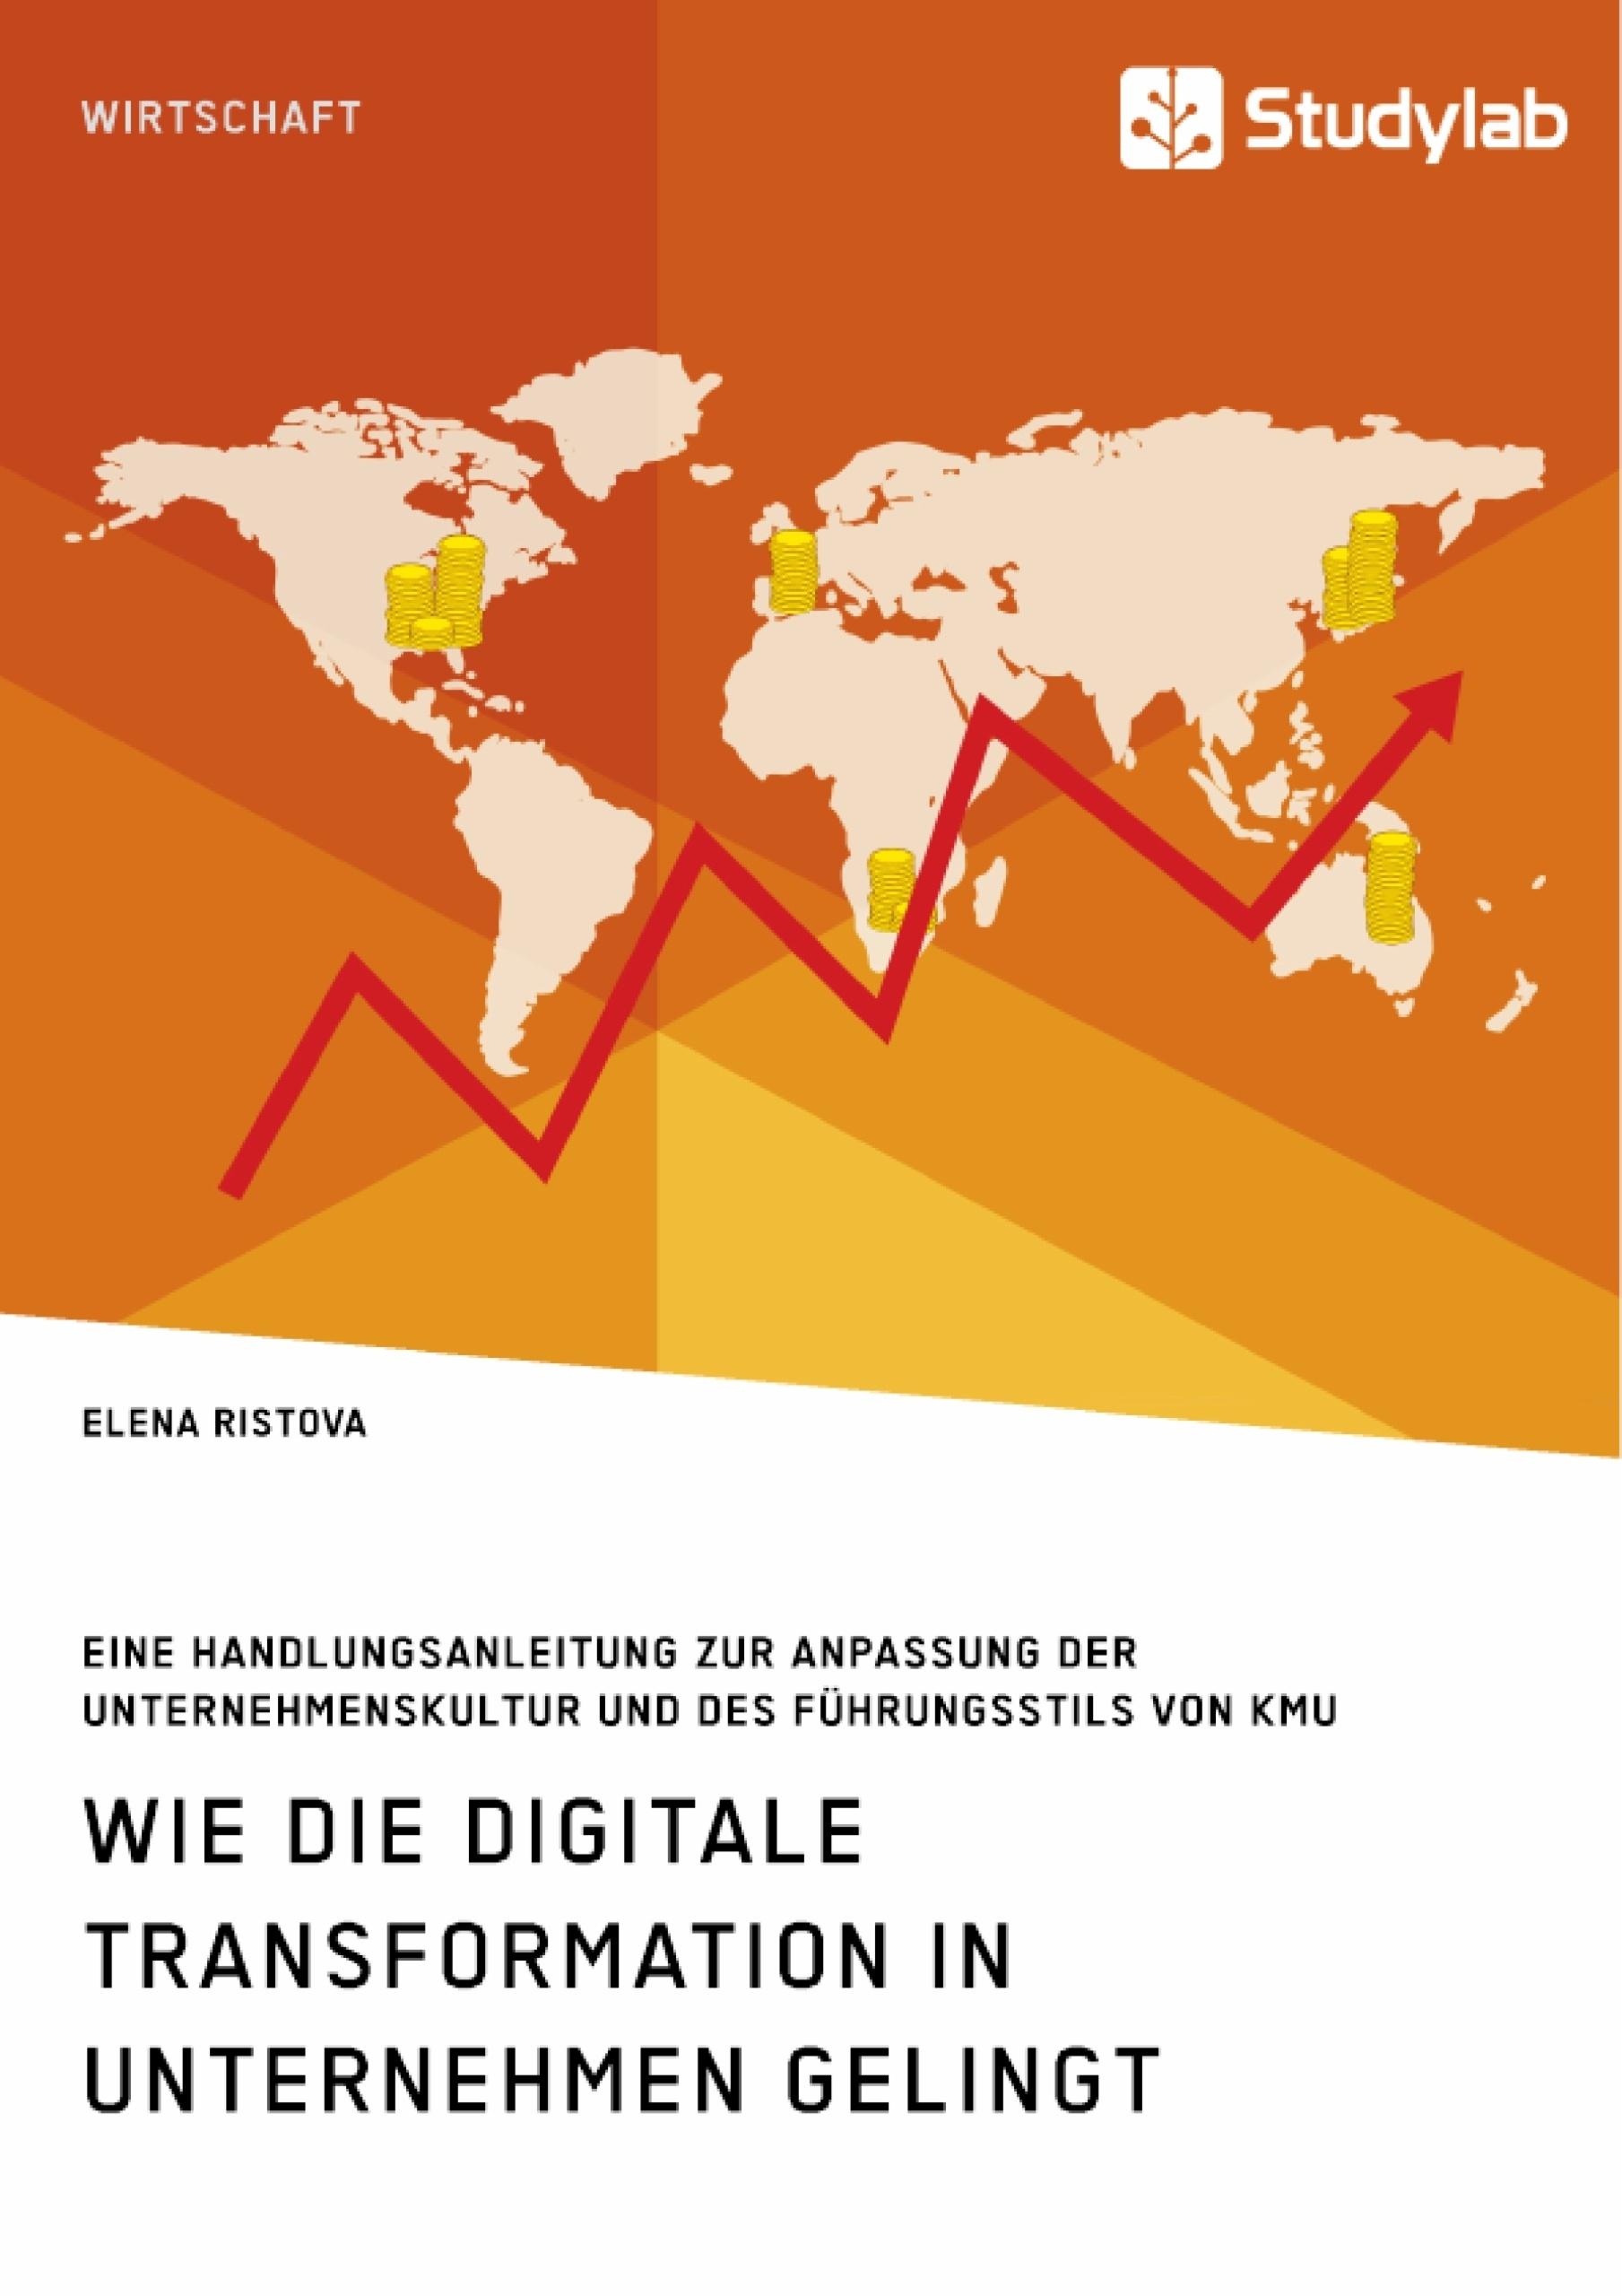 Titel: Wie die digitale Transformation in Unternehmen gelingt. Eine Handlungsanleitung zur Anpassung der Unternehmenskultur und des Führungsstils von KMU